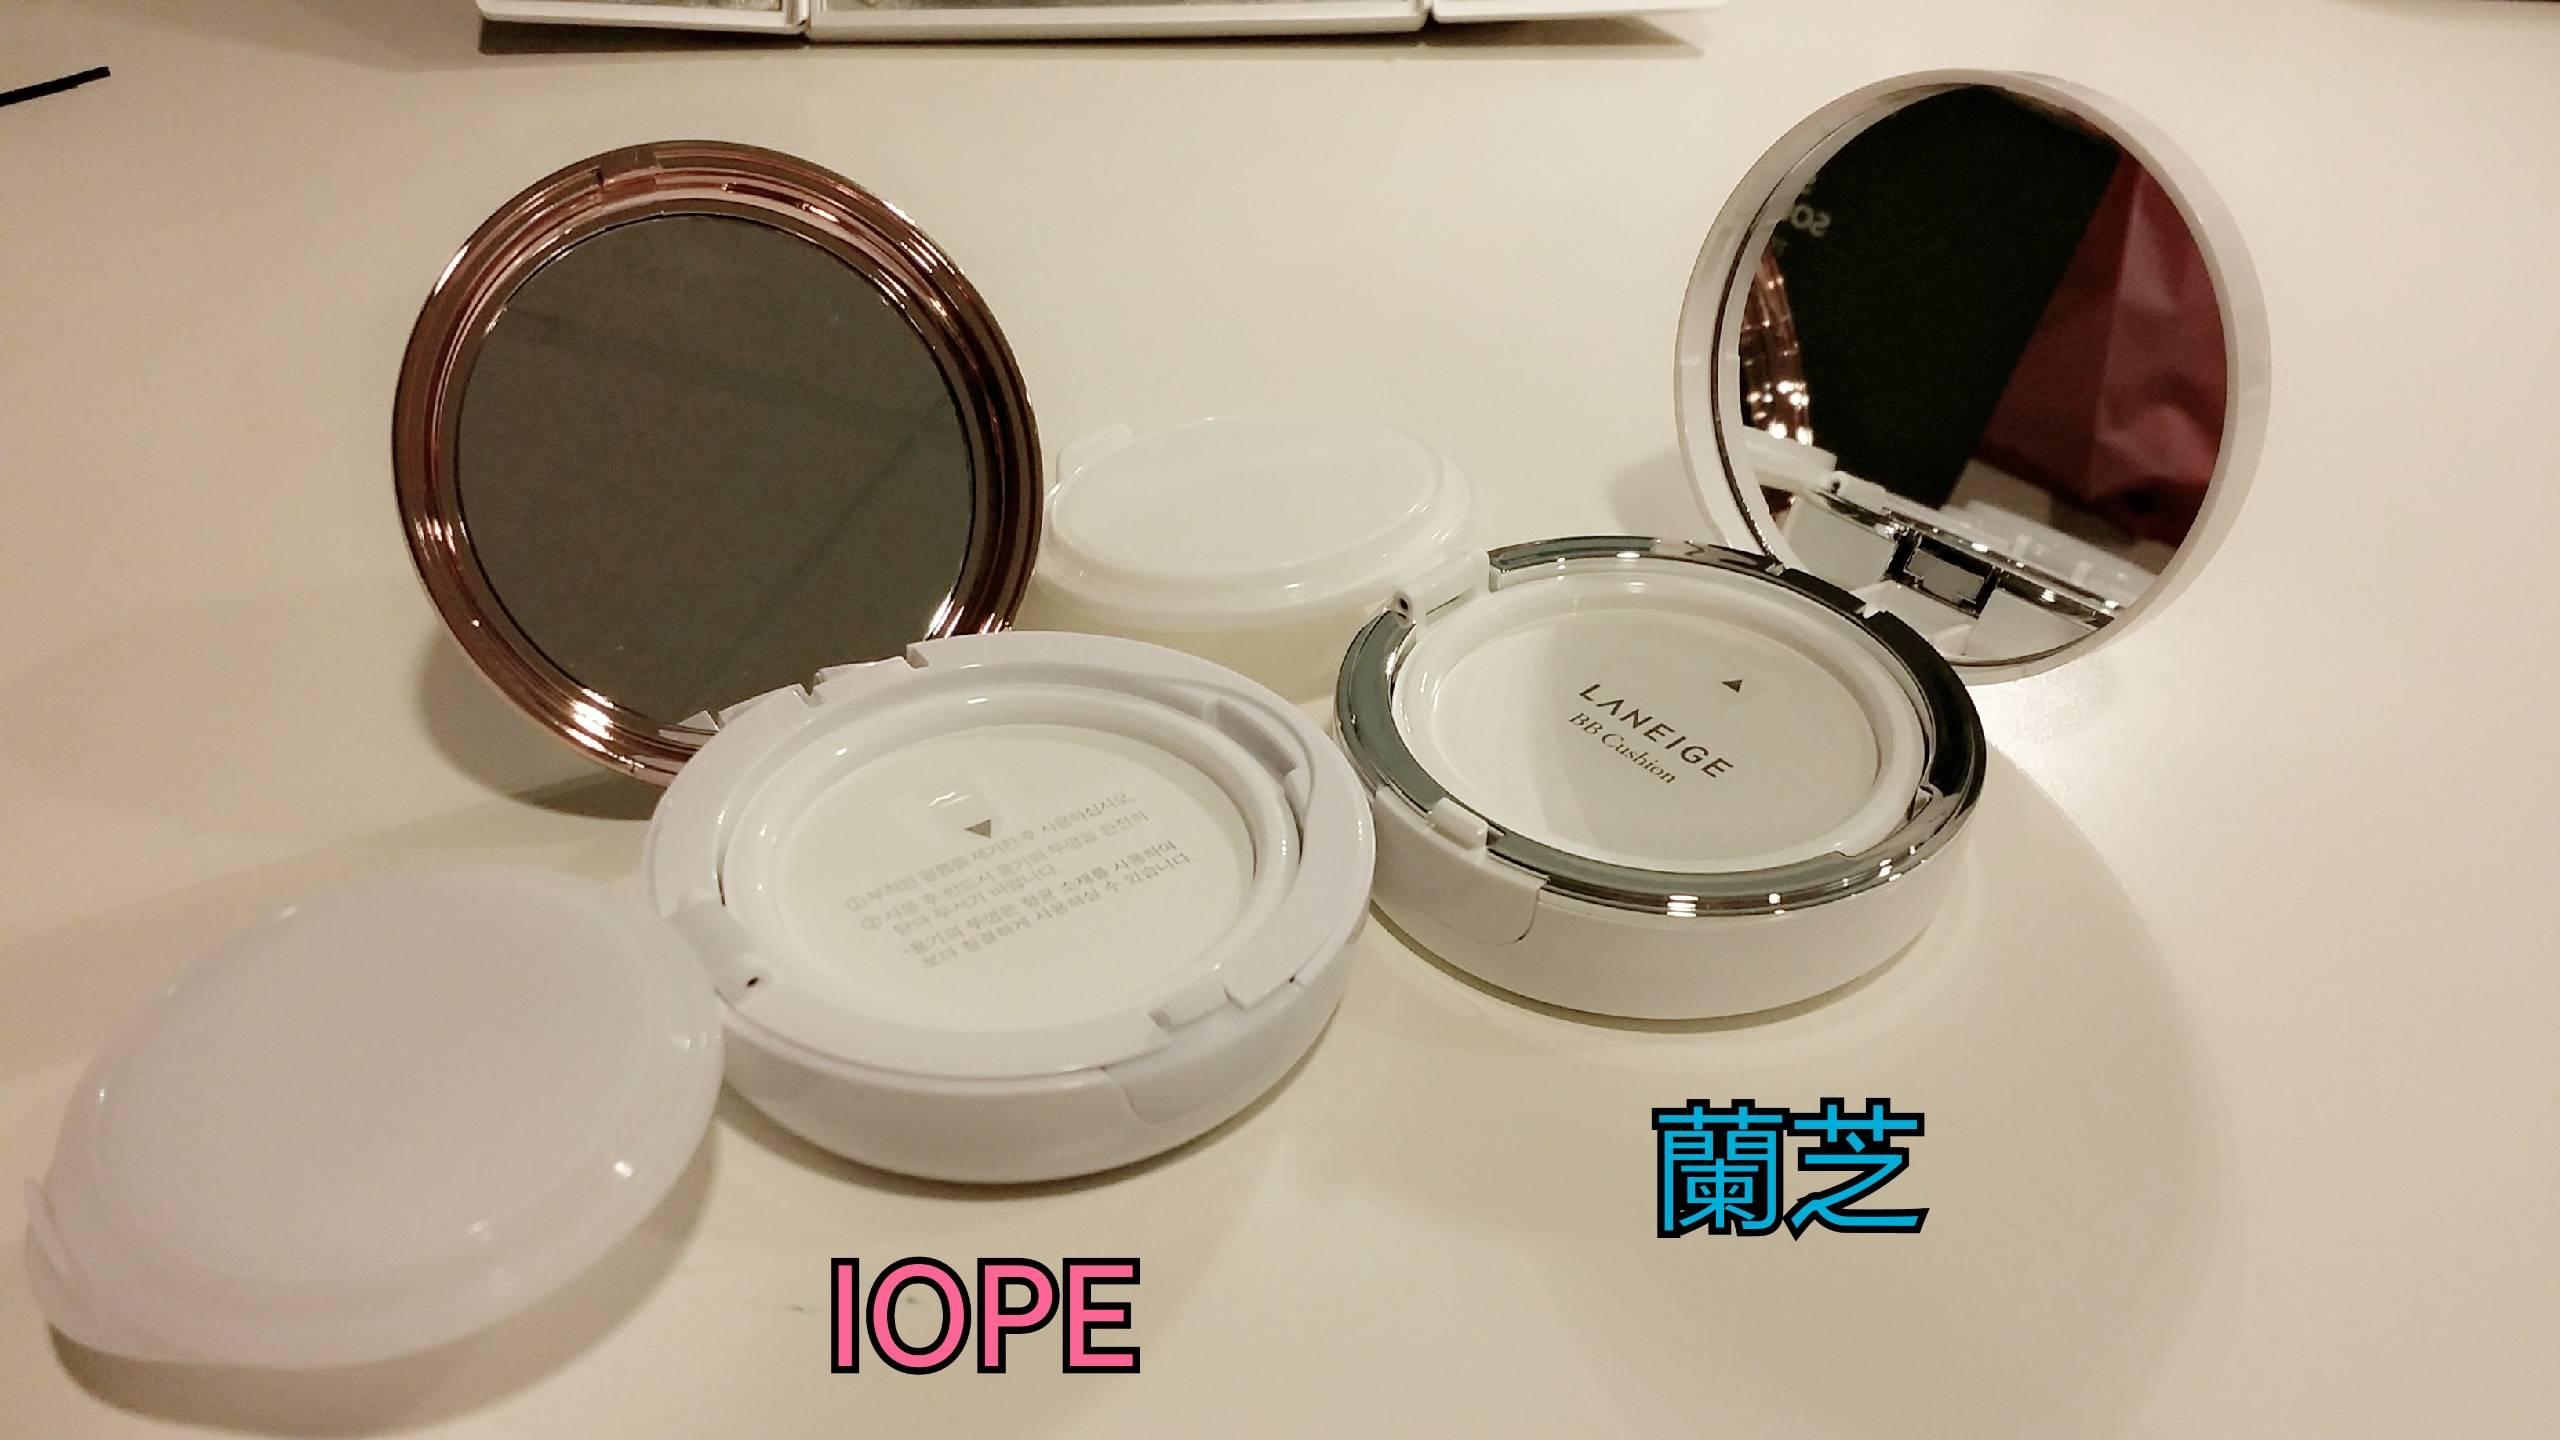 #比較 2016新款氣墊粉餅-蘭芝與IOPE - 美妝板 | Dcard